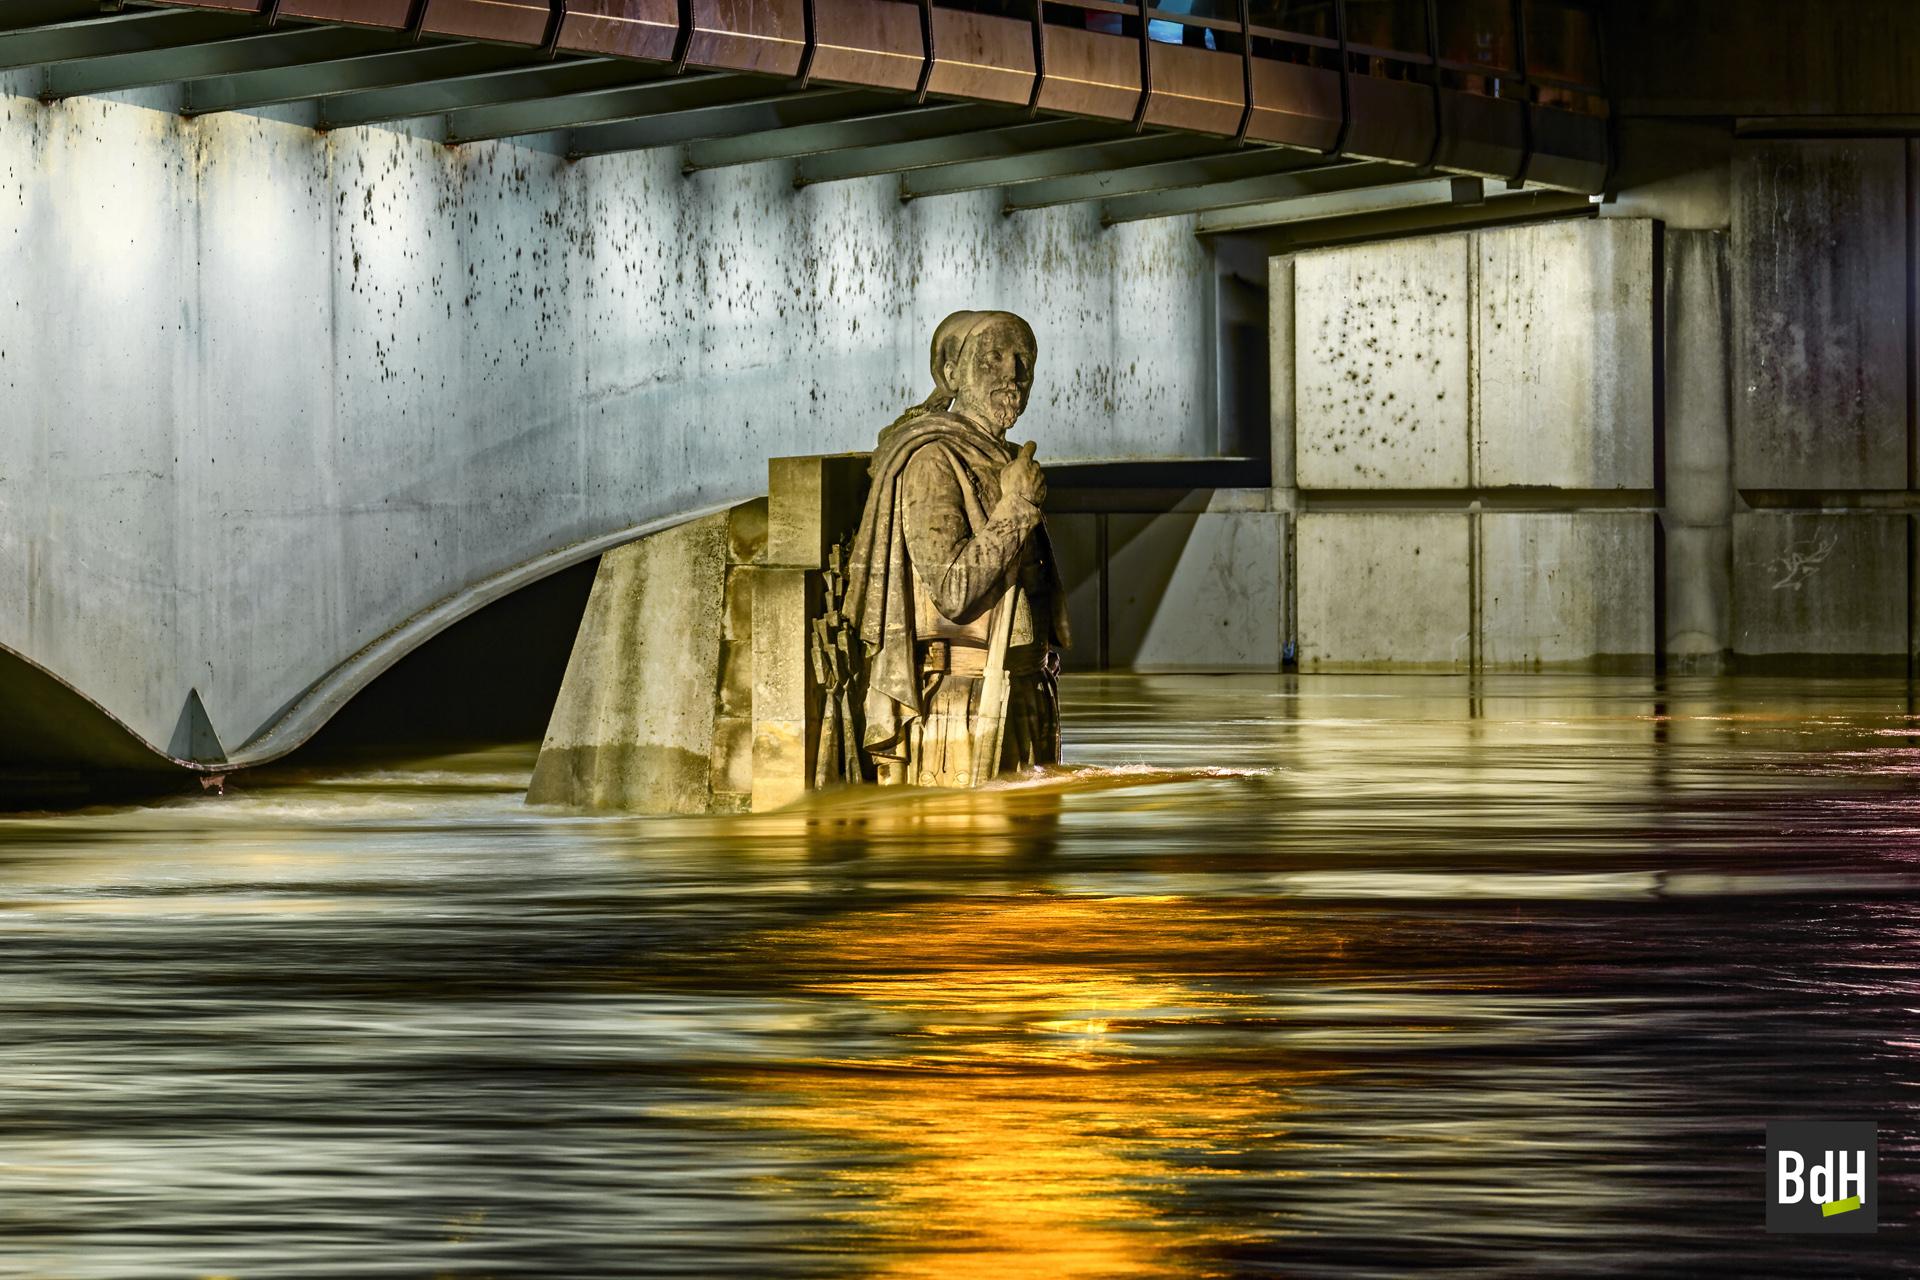 Le zouave du Pont de l'Alma lors de la crue de la Seine à 6,10 mètres le 3 Juin 2016 à Paris, France.